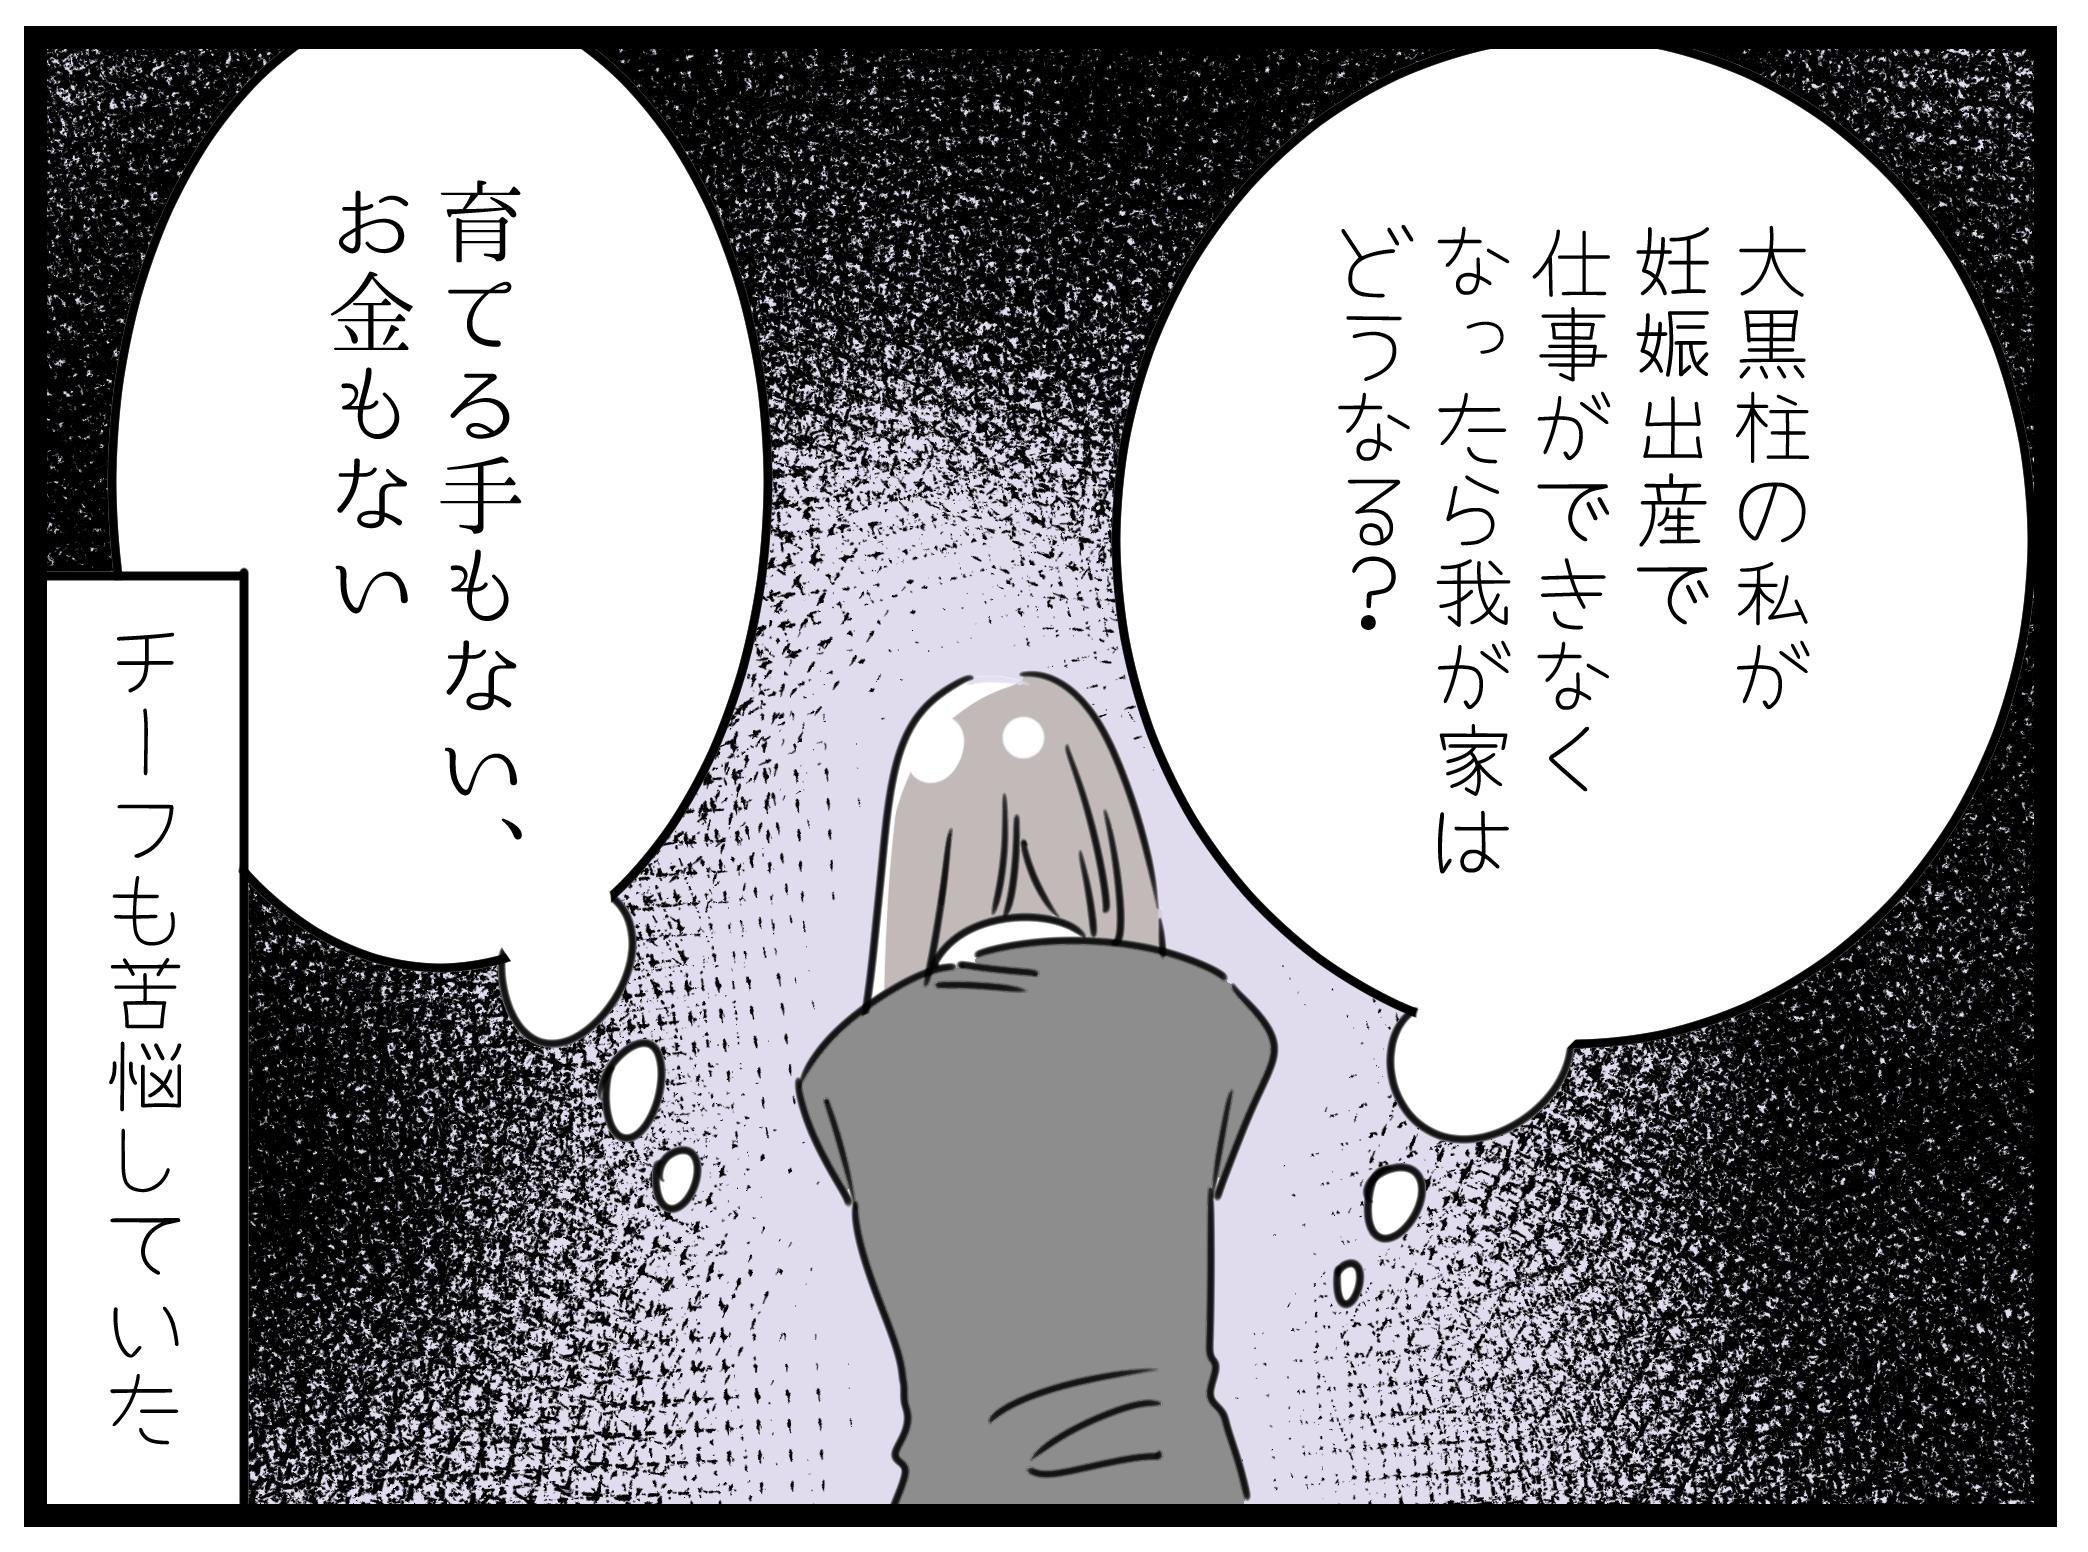 【第9話】ブランク10年目の挑戦~アラフォーママ、初めての転職~